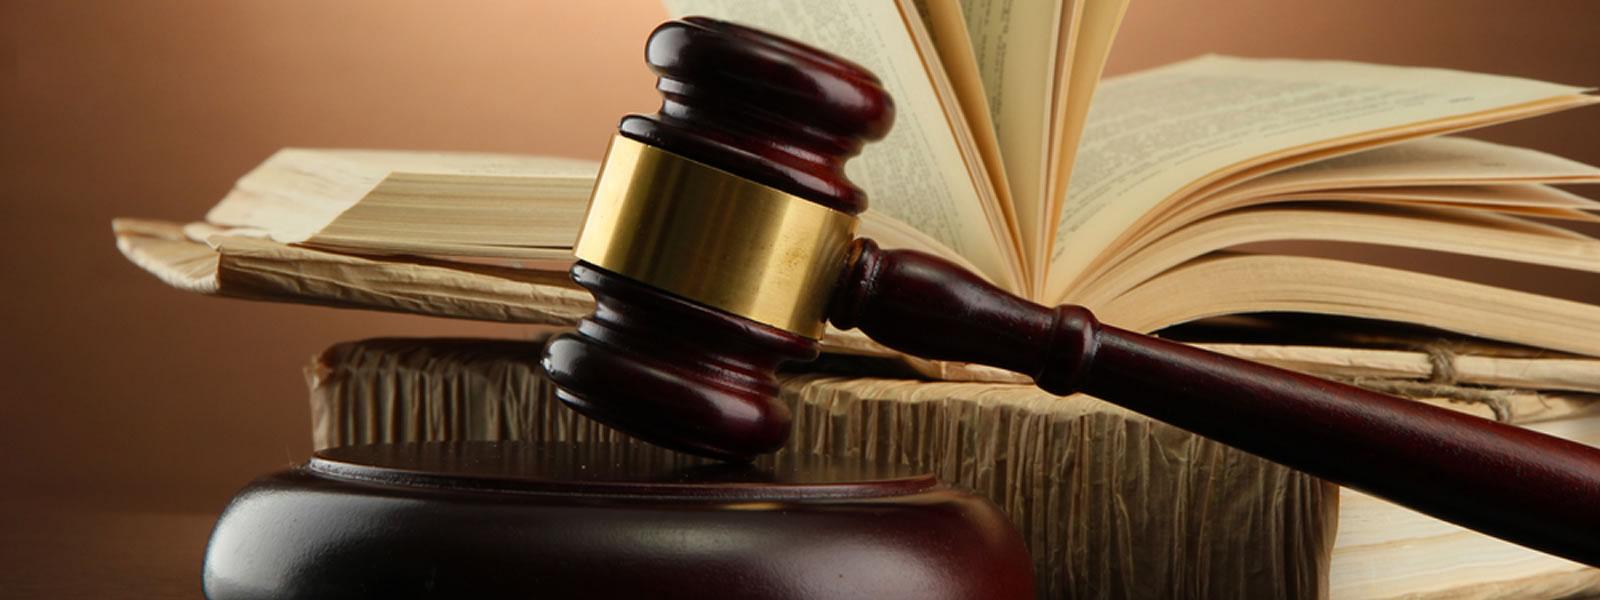 نظمِ قانون - یک آنالیز اقتصادی